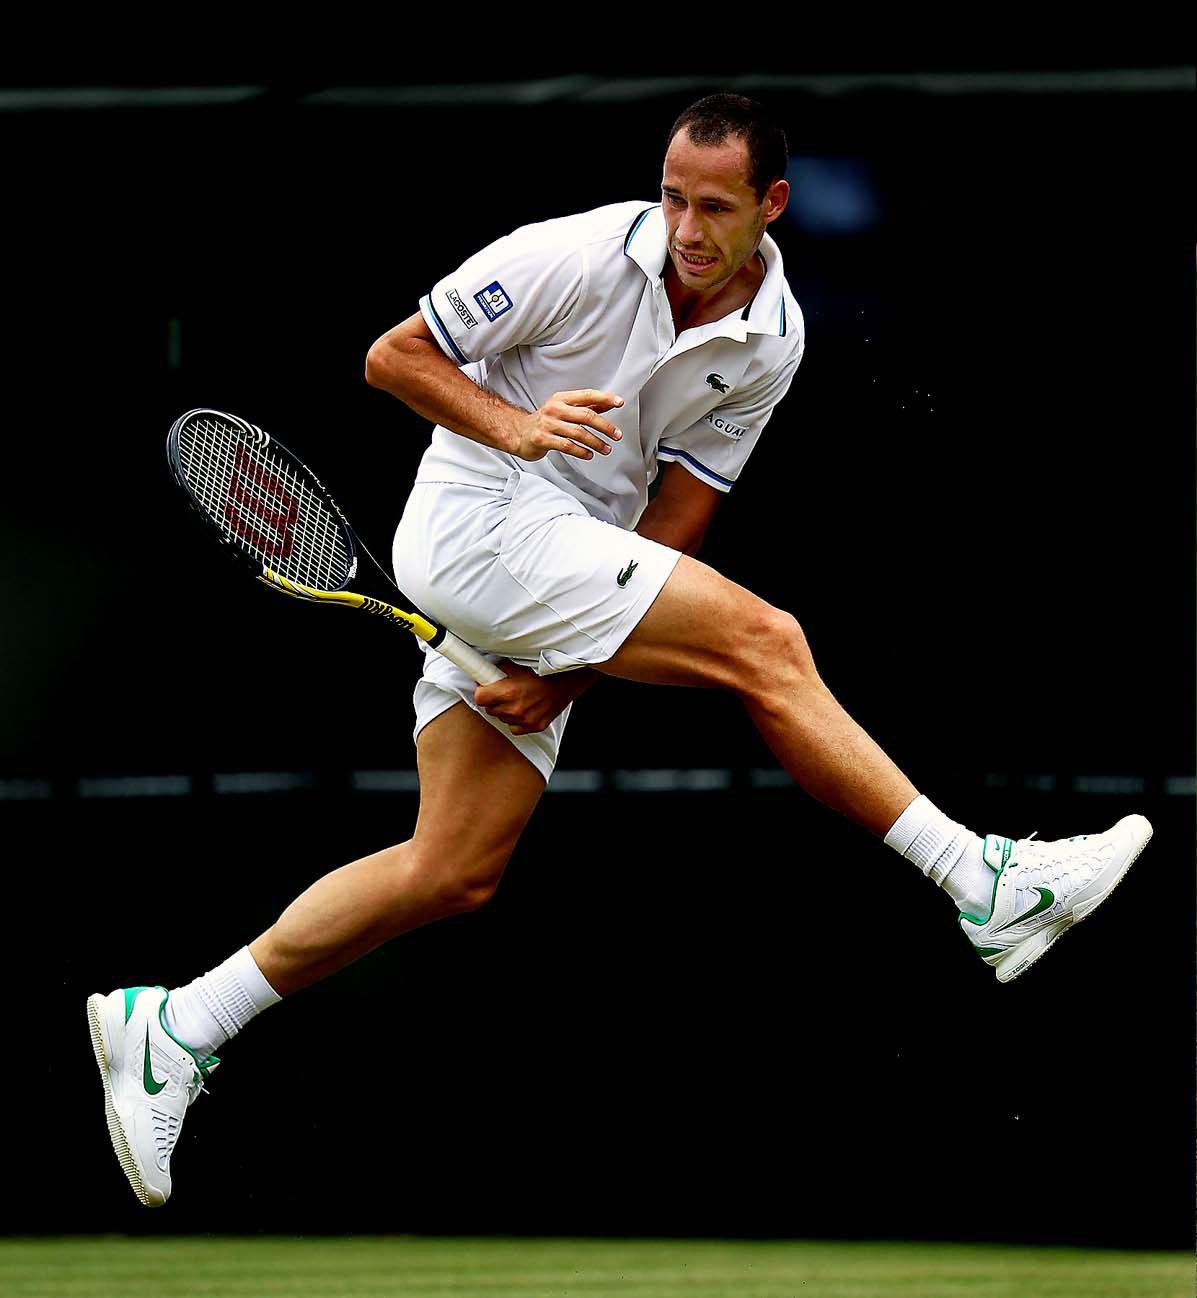 Прикол, смешные картинки про теннисистов